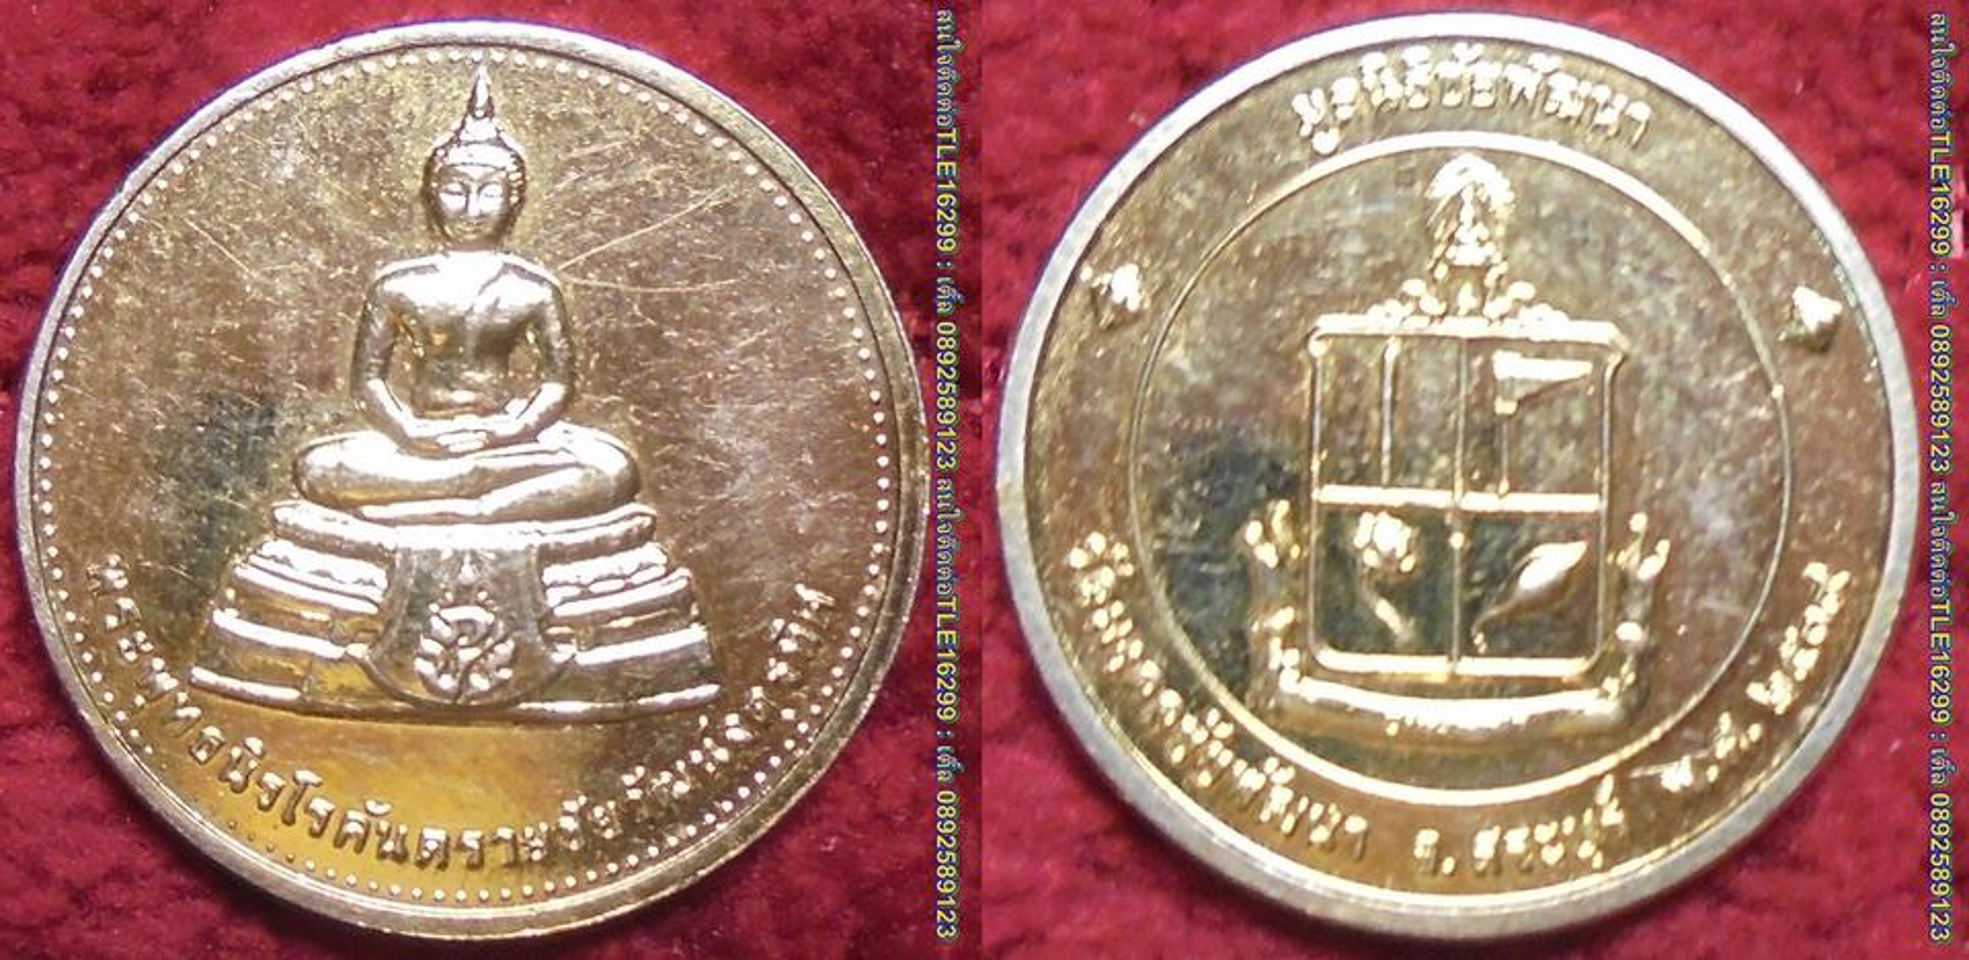 01092 เหรียญพระพุทธนิรโรคันตรายชัยวัฒน์จตุรทิศ พิมพ์เล็ก รูปที่ 4